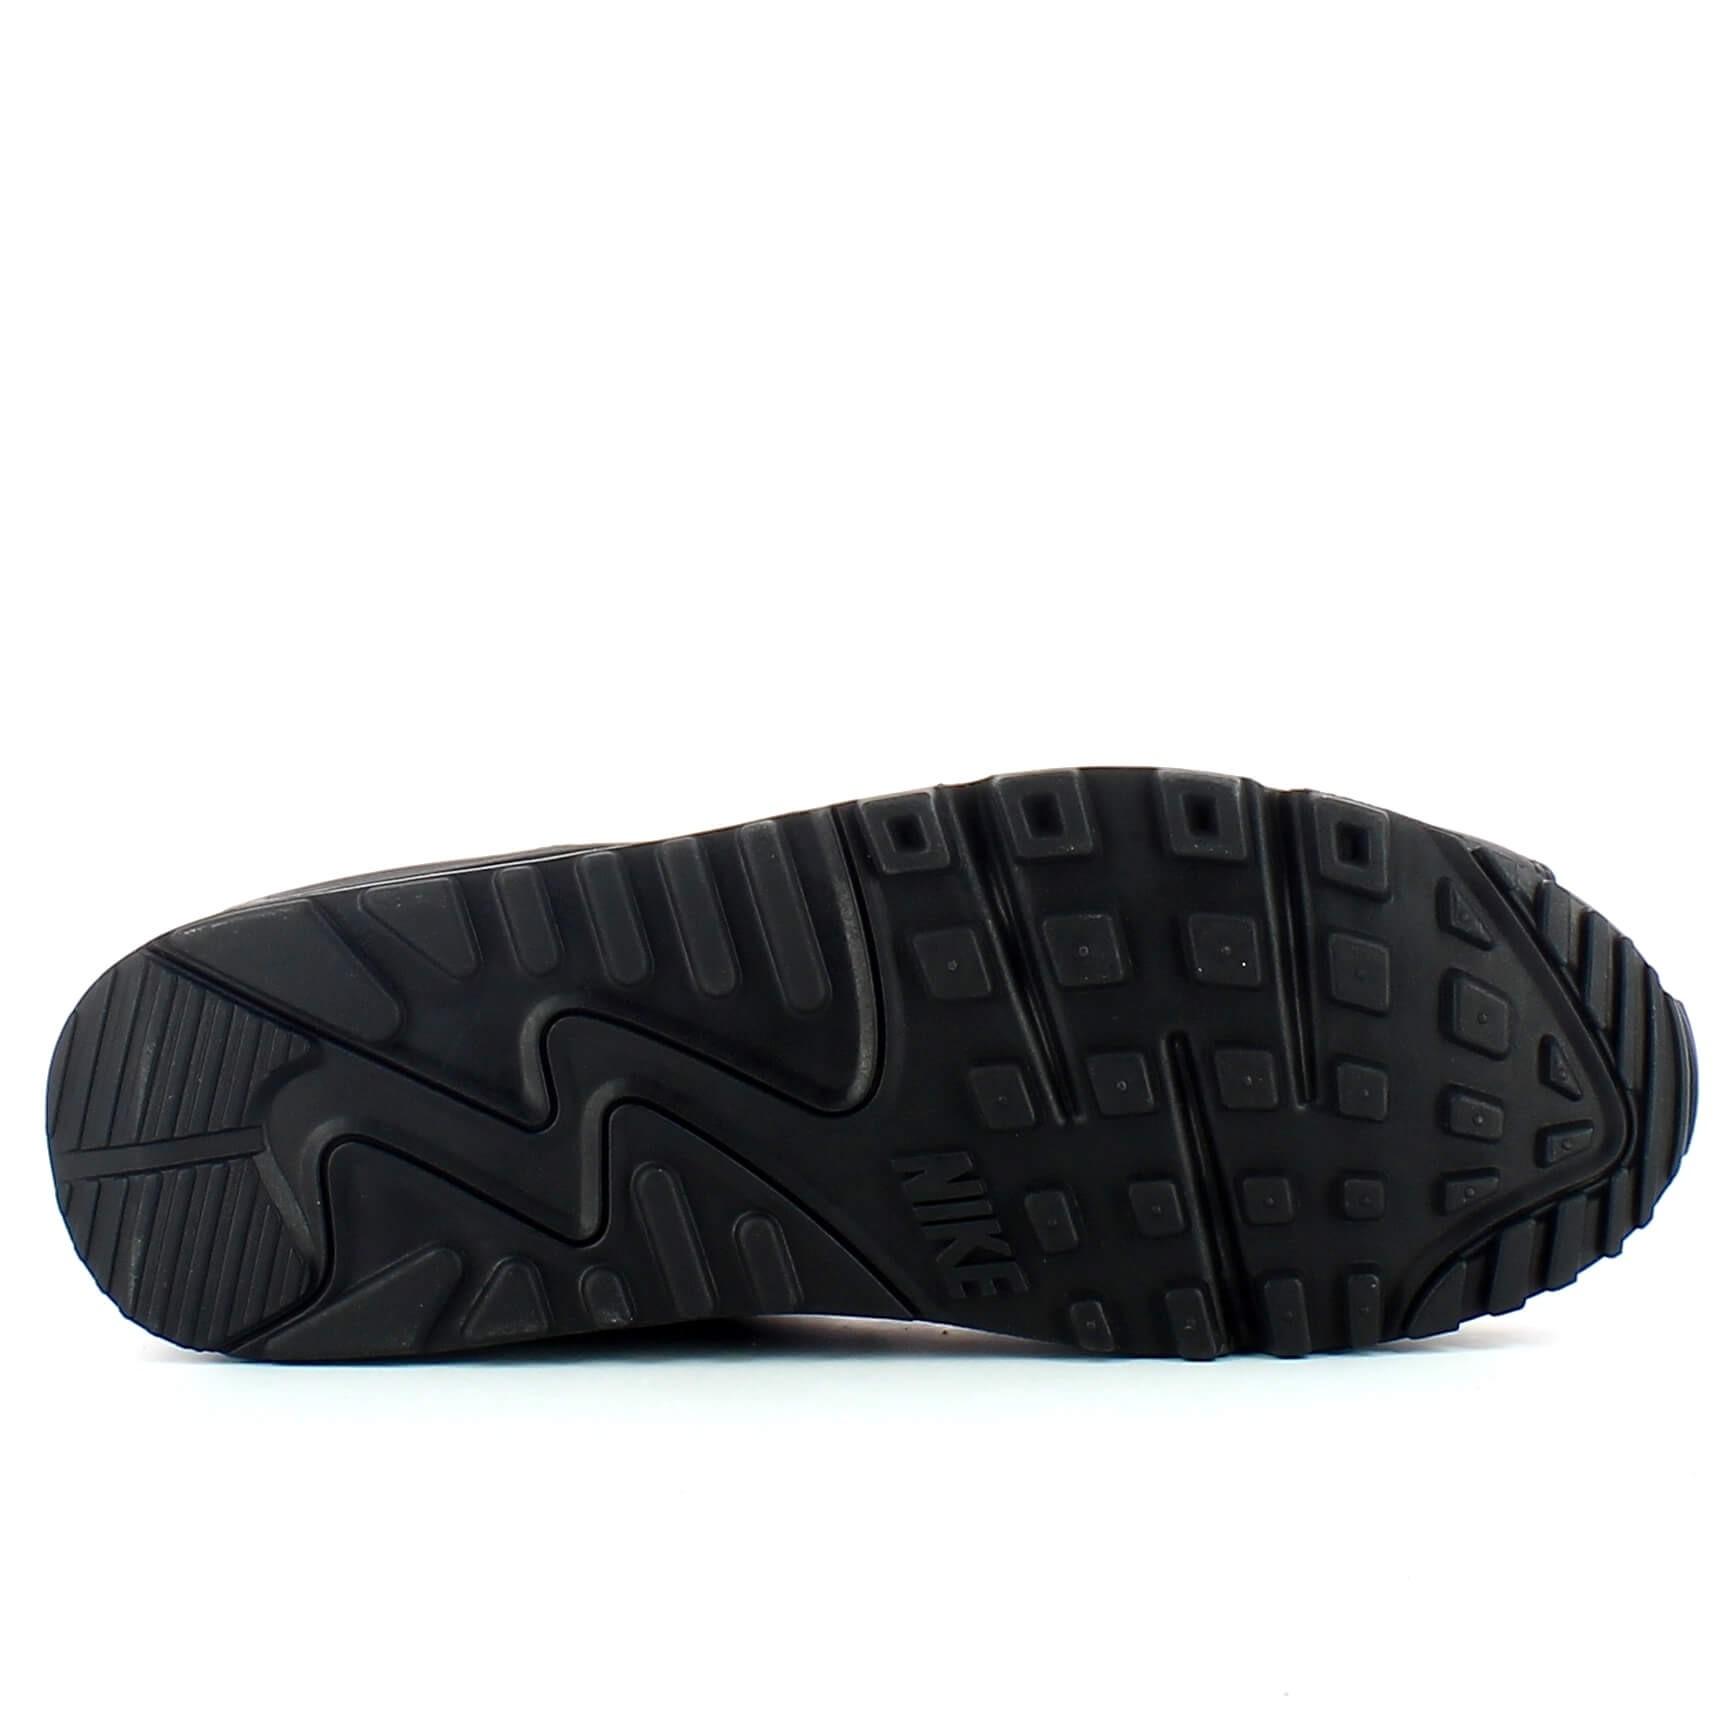 Zapatillas Nike Air Max 90 Leather Negro Negro Hombre La